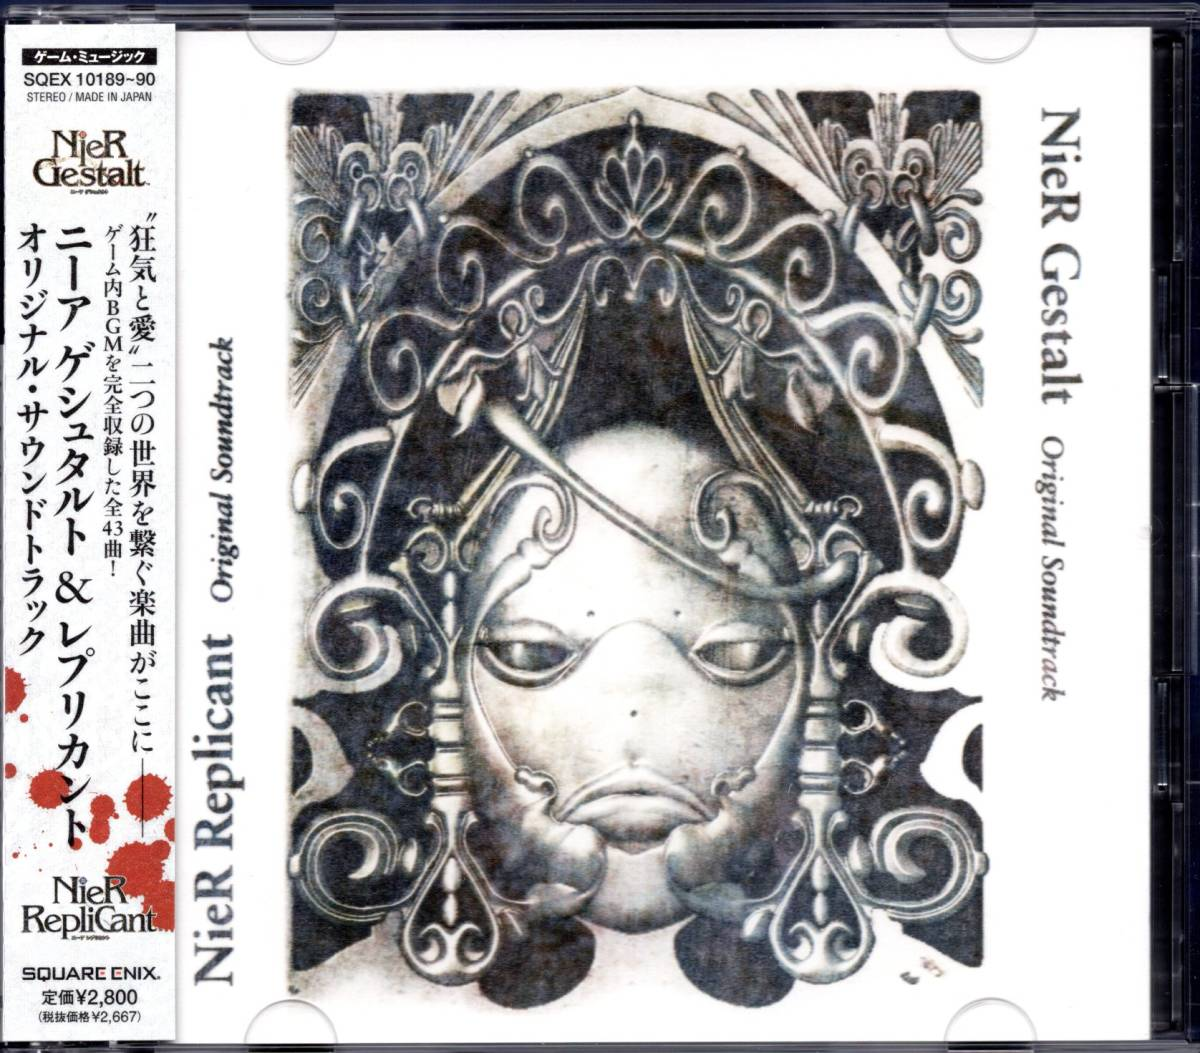 ニーア ゲシュタルト & レプリカント オリジナル・サウンドトラック(美品 / 2CD / NieR Gestalt & NieR Replicant Original Soundtrack)